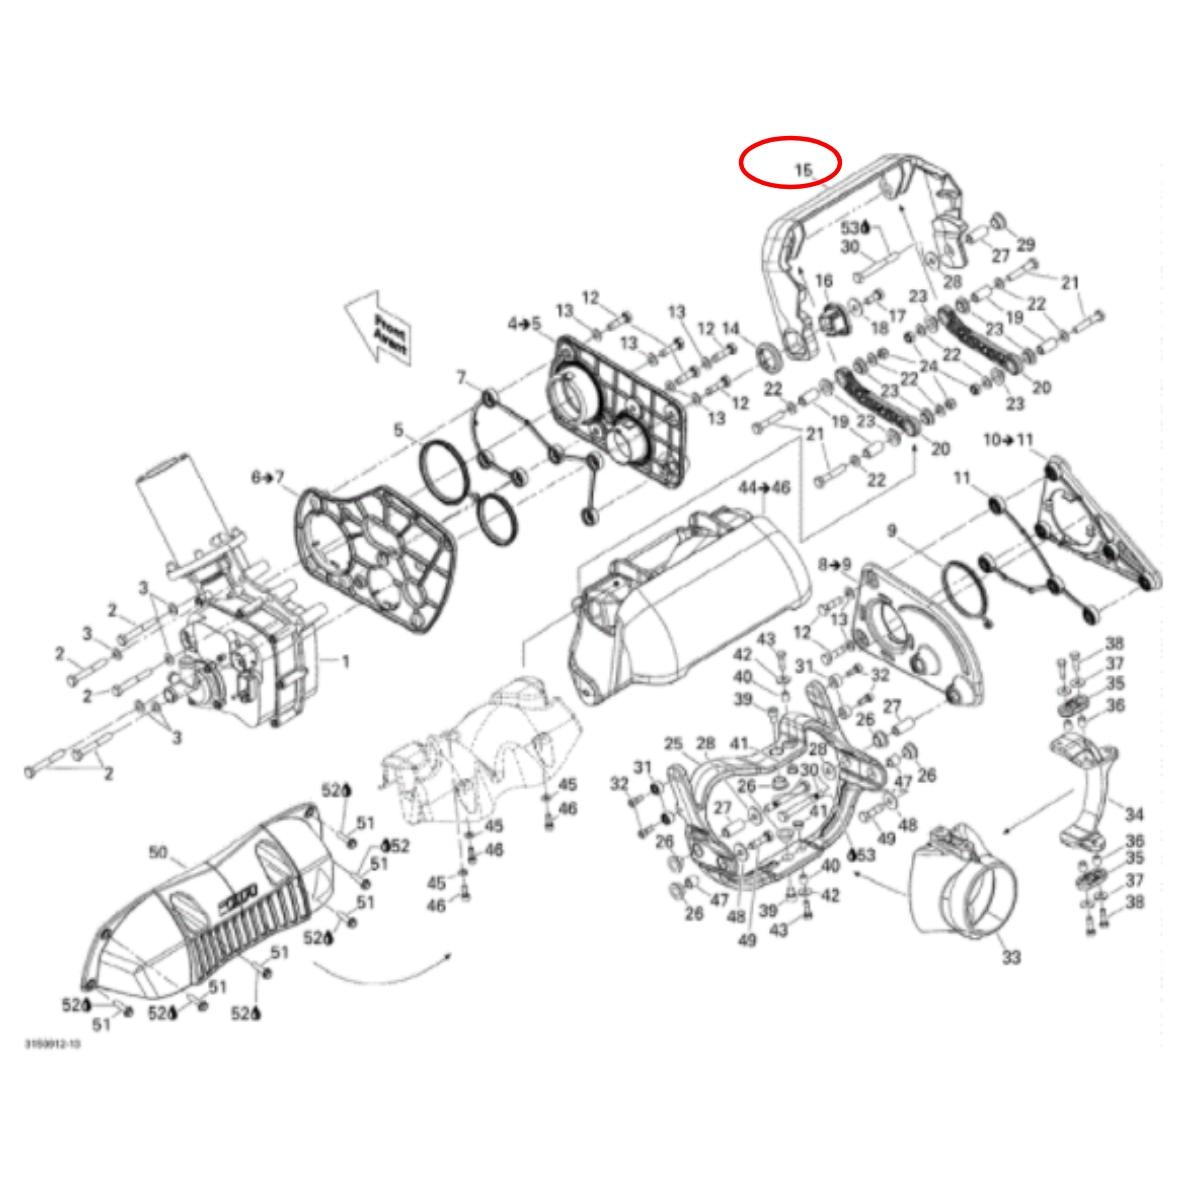 Braço Do Reverso Sea Doo Rxt/Gtx  - Radical Peças - Peças para Jet Ski